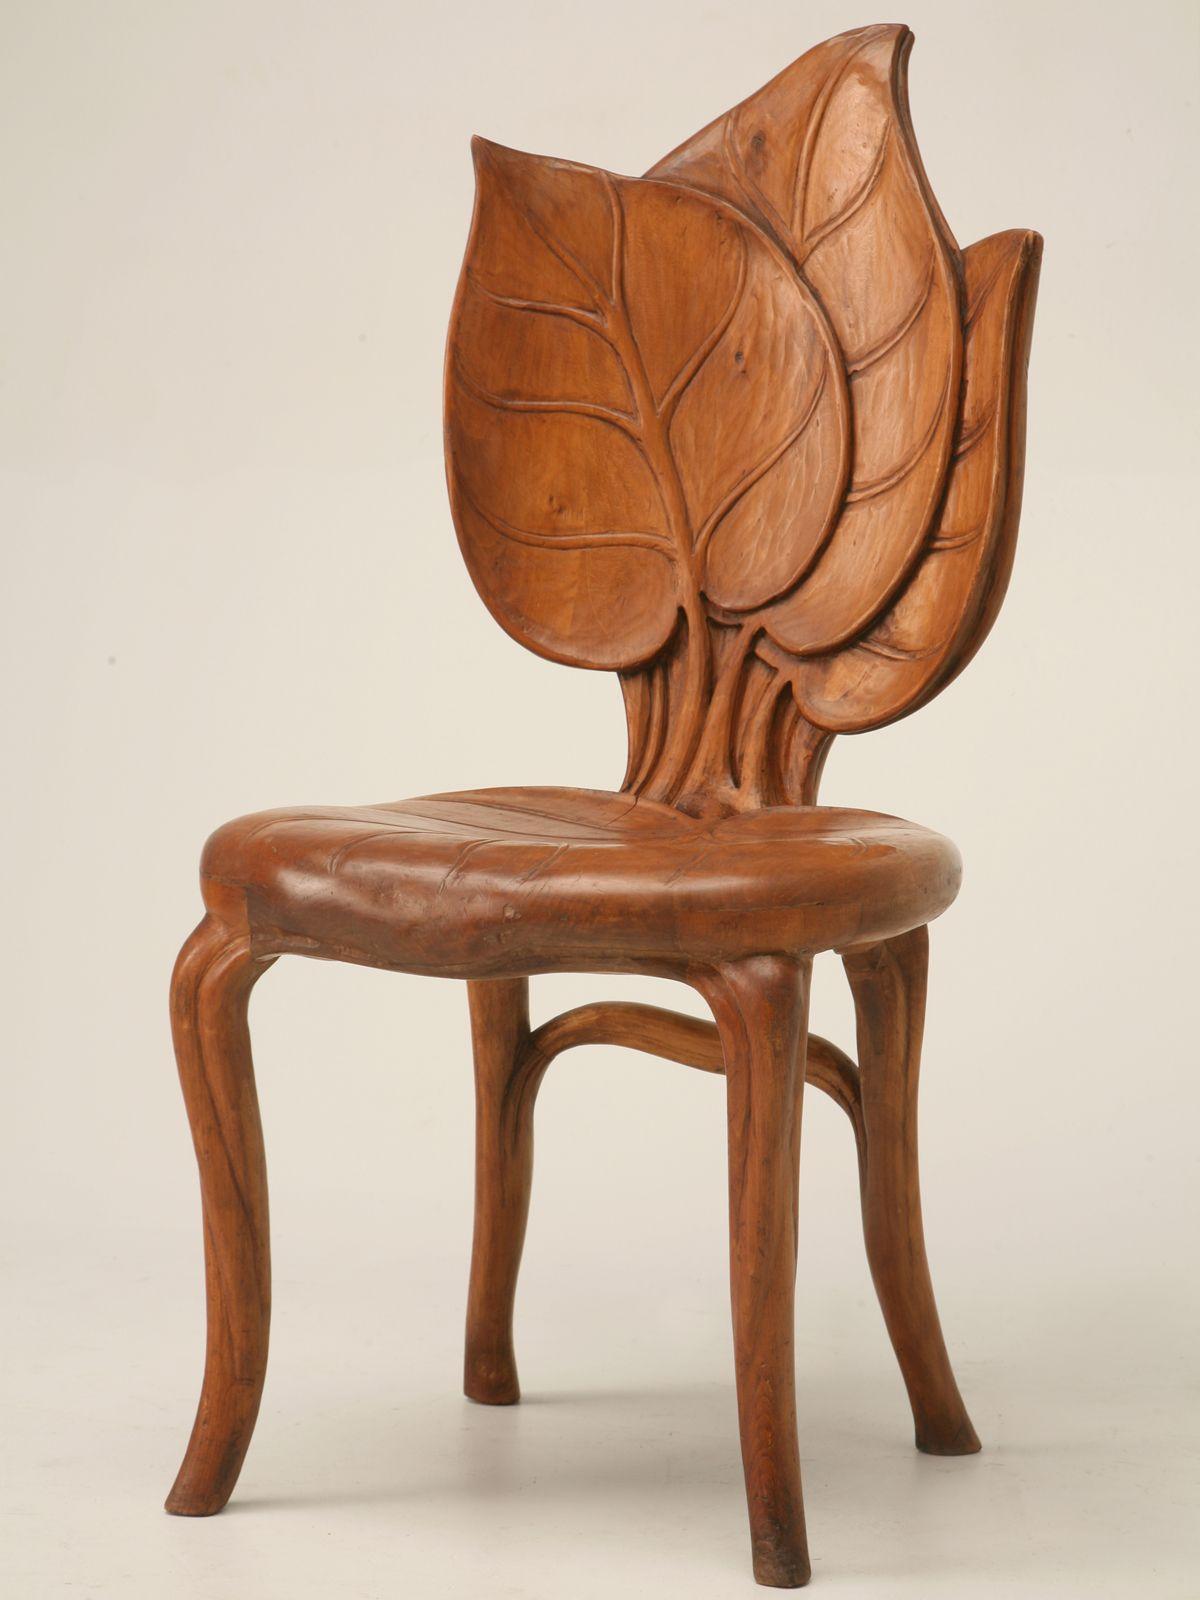 french art nouveau sculptural leaf chair 1 like 8 pinterest jugendstil m bel. Black Bedroom Furniture Sets. Home Design Ideas